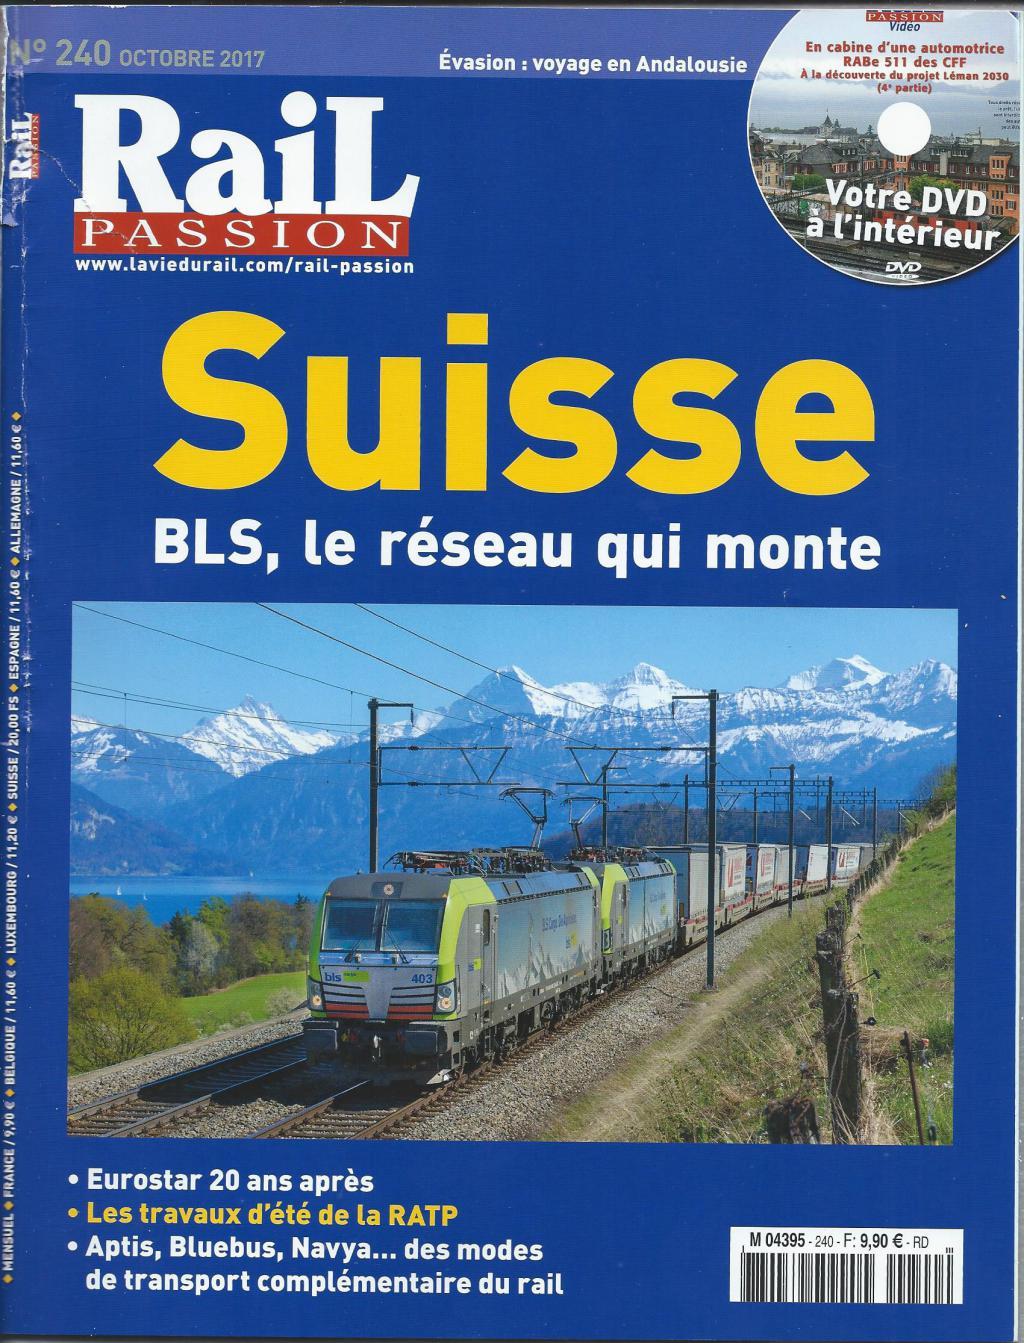 Le dernier rail passion  Trainsuisse-532418a